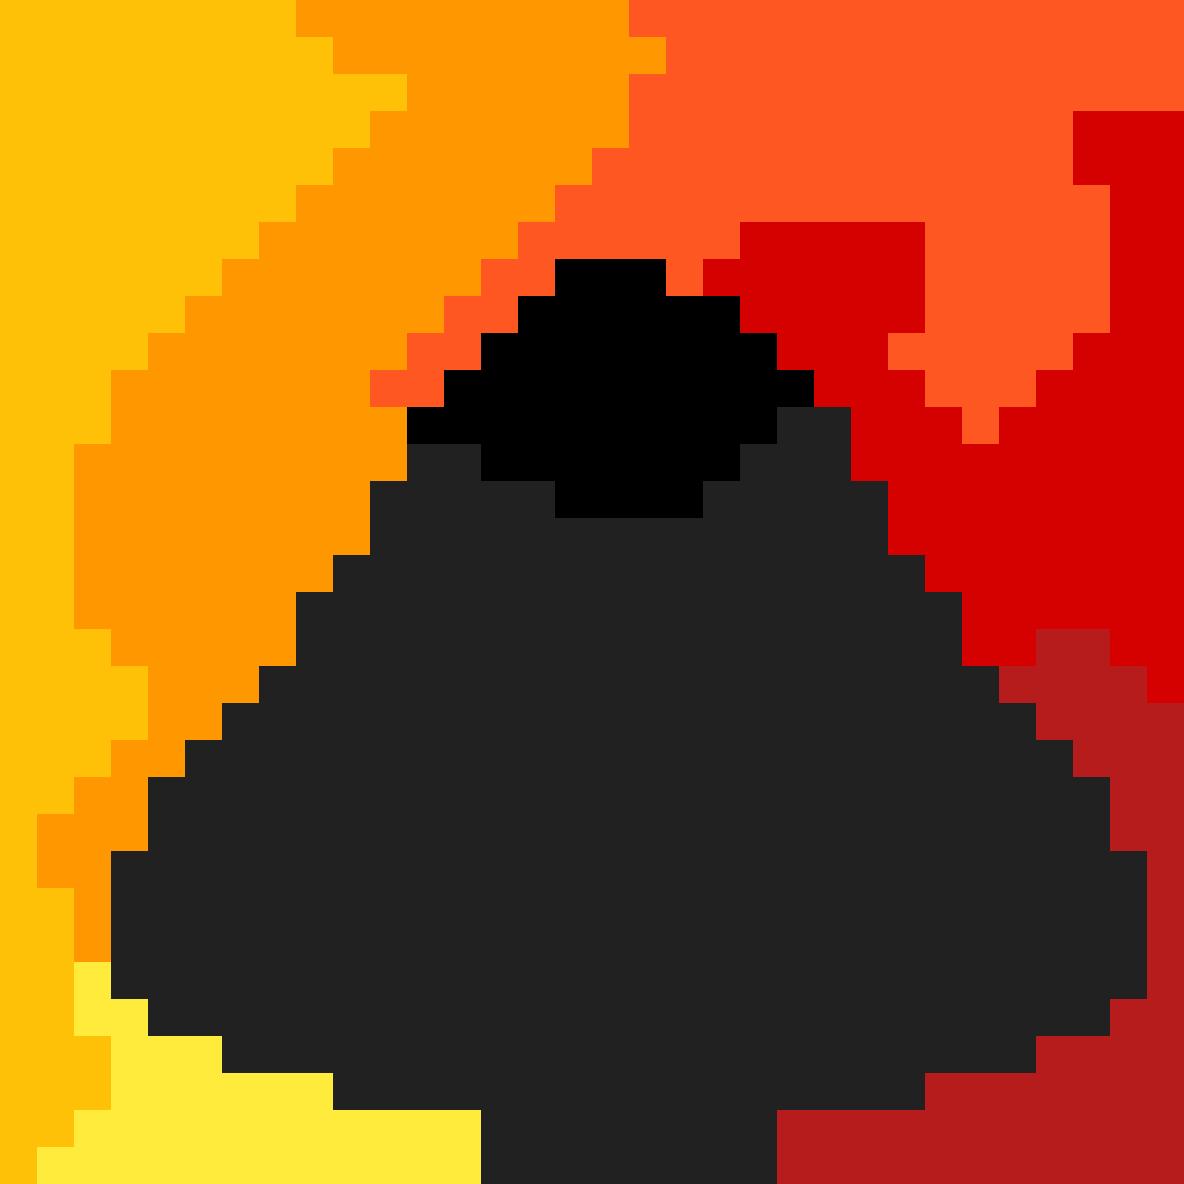 S.T. In Dire Fire by Noire555